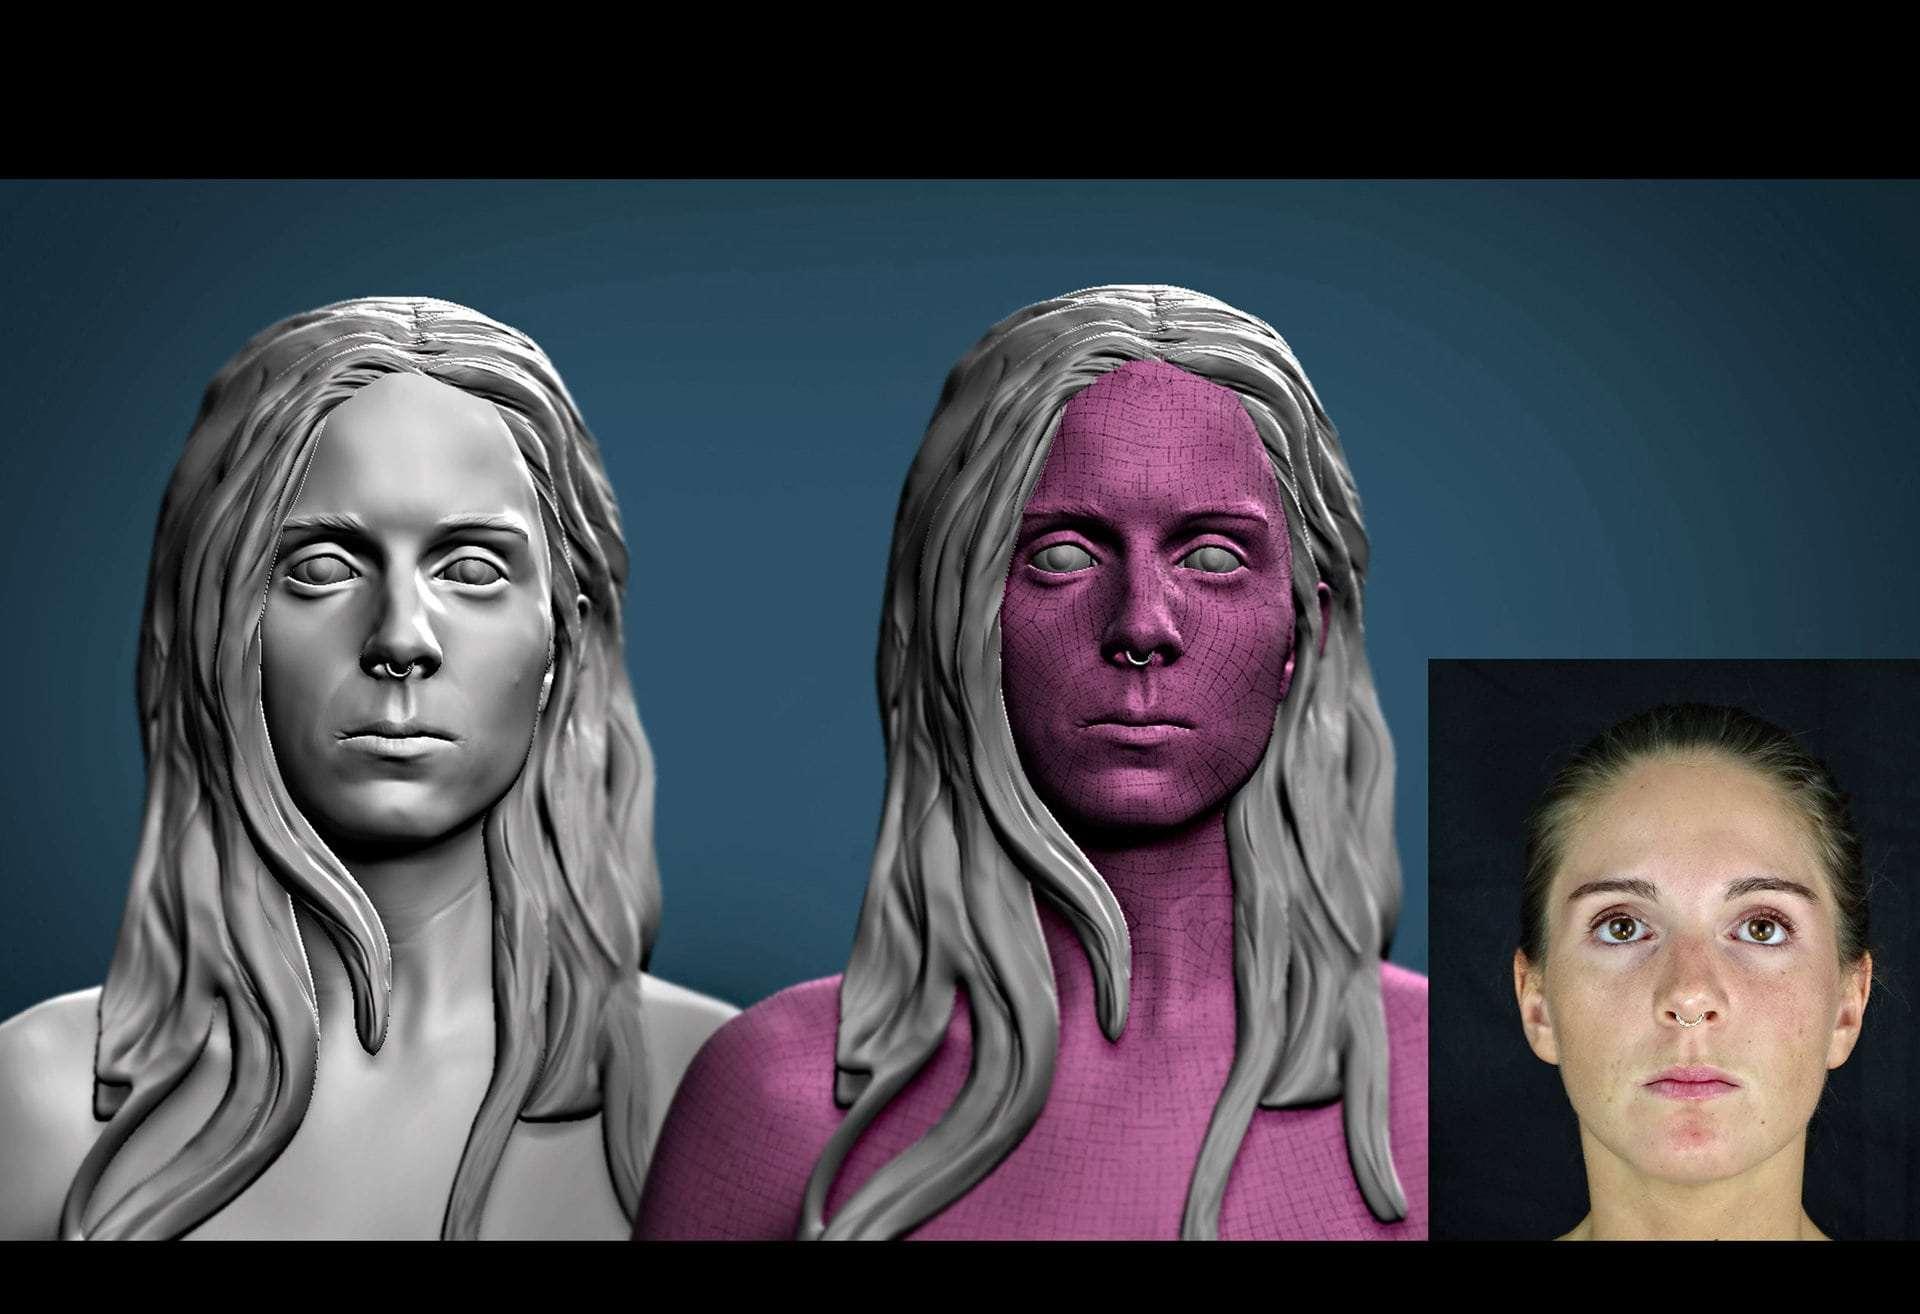 Створення реалістичного цифрового портрета